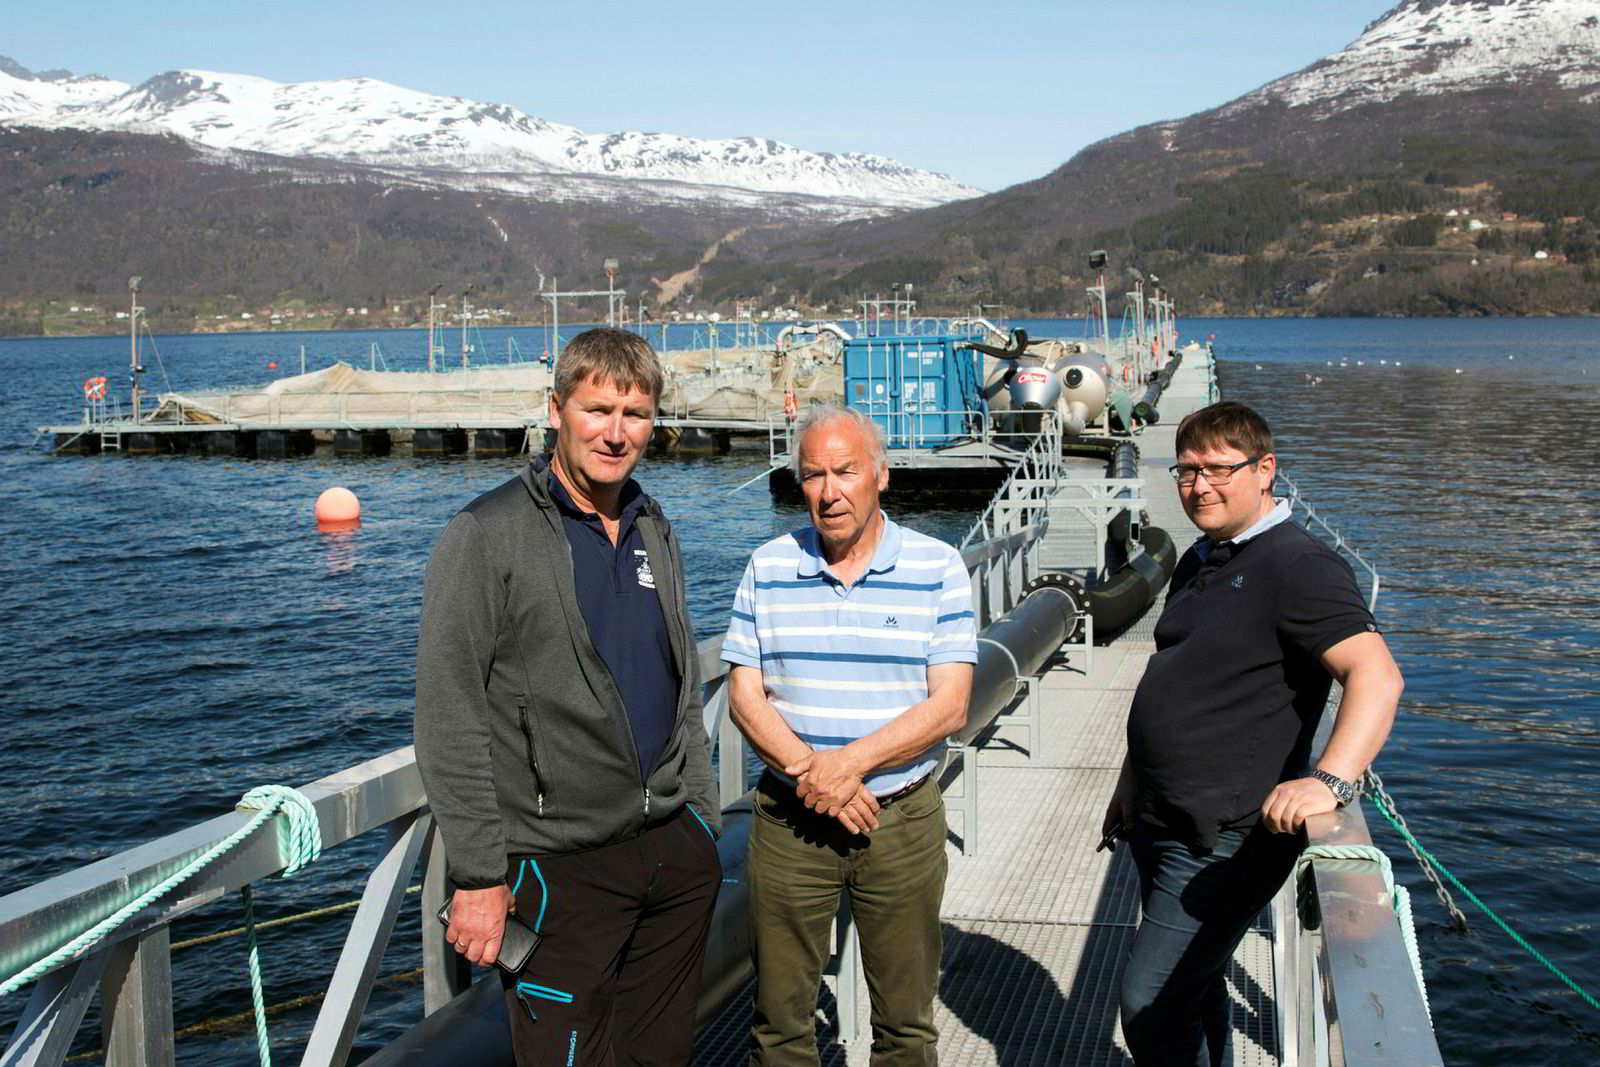 Fra venstre daglig leder Tore Lundberg i Gratanglaks, daglig leder Odd Bakkeli i Salaks og driftsleder Lars Berg i Kleiva Fiskefarm. Her foran tomme ventemerder ved lakseslakteriet i Gratangsfjorden.